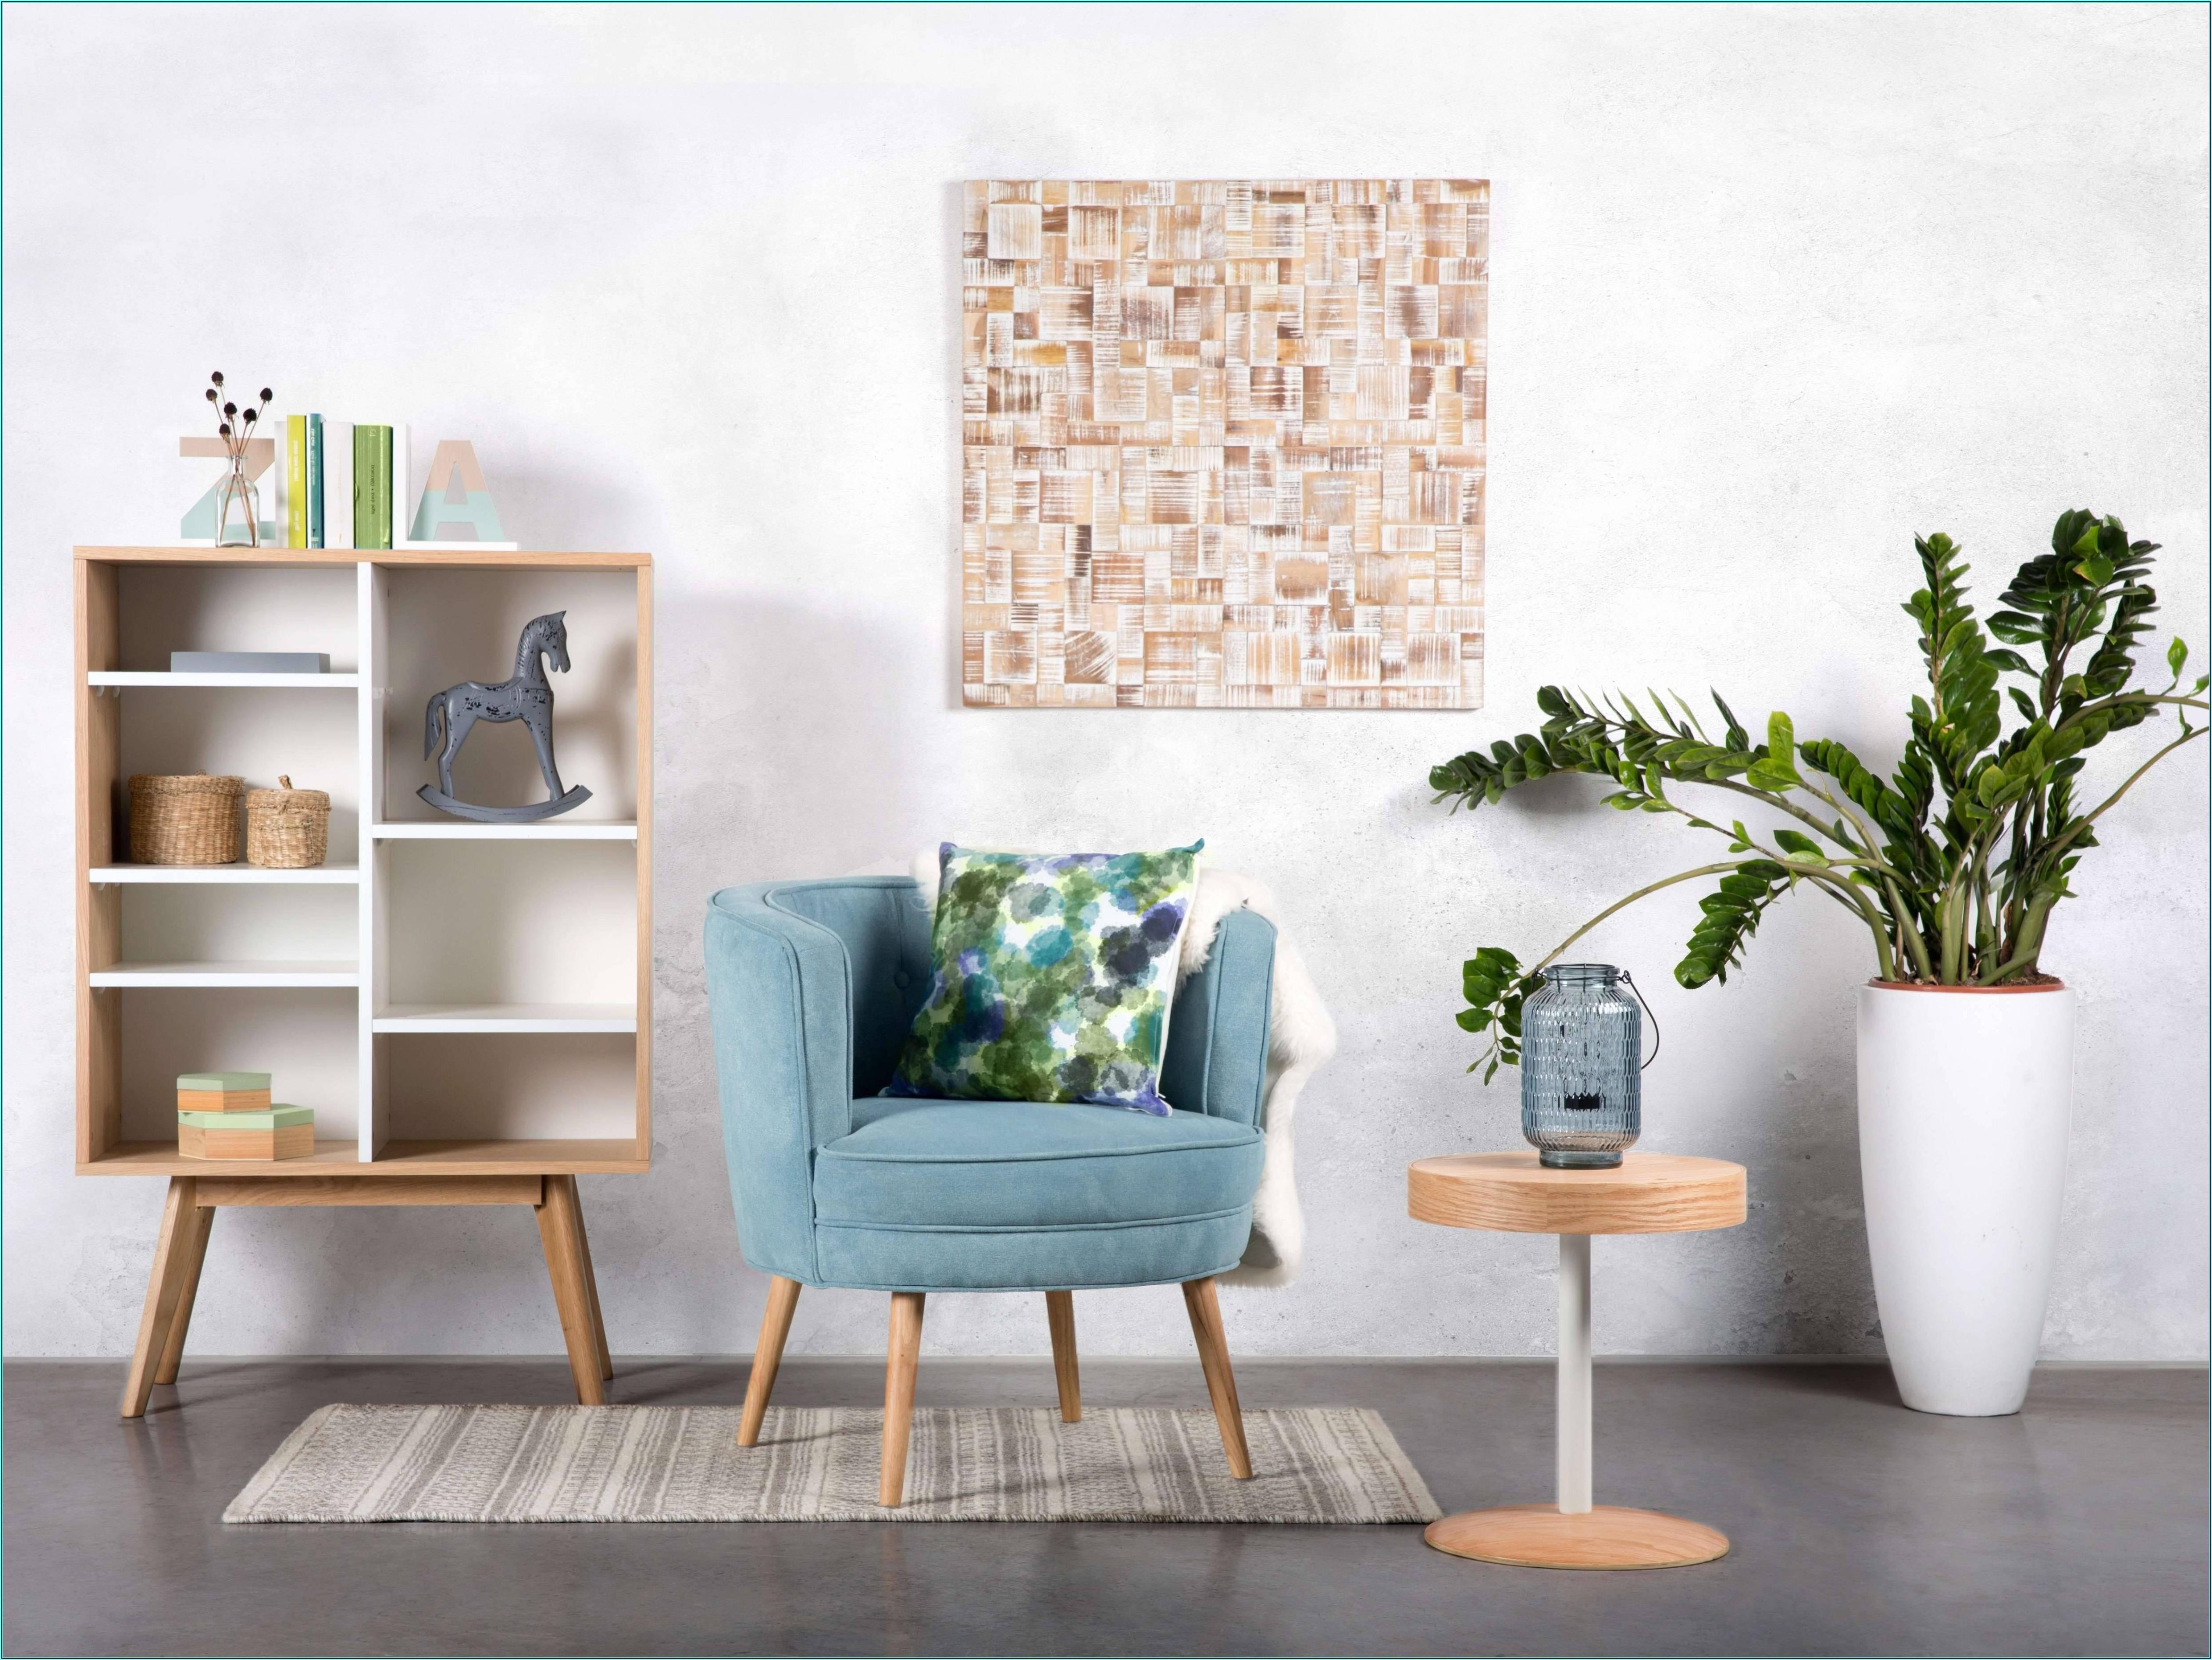 Wohnzimmer Einrichten Ideen Bilder